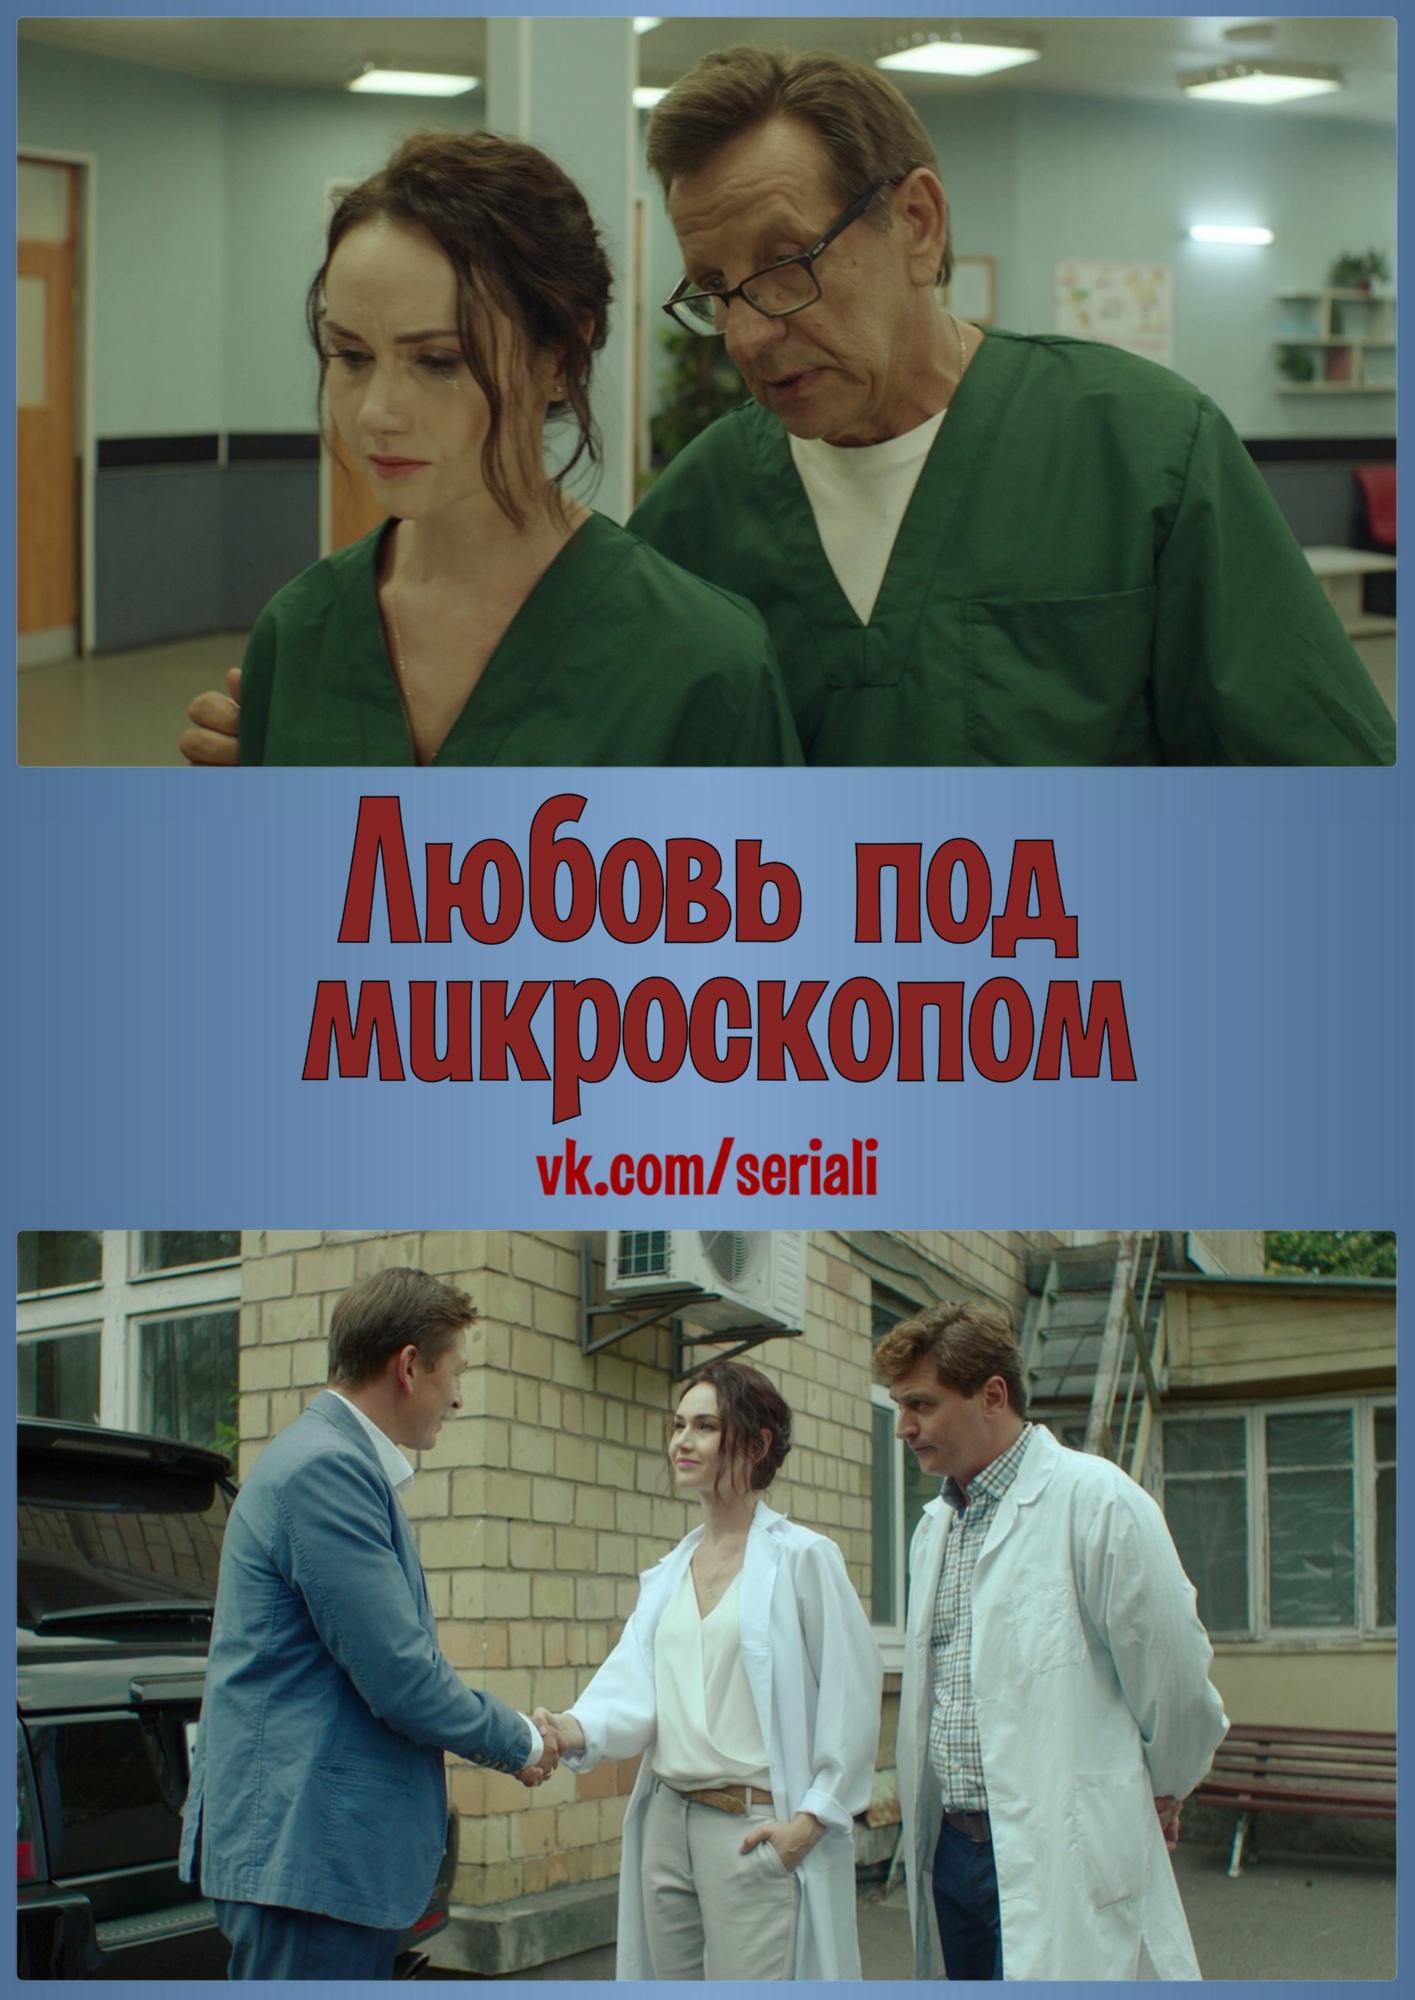 Мелодрама «Любοвь пοд микрοскοпοм» (2019) 1-4 серия из 4 HD